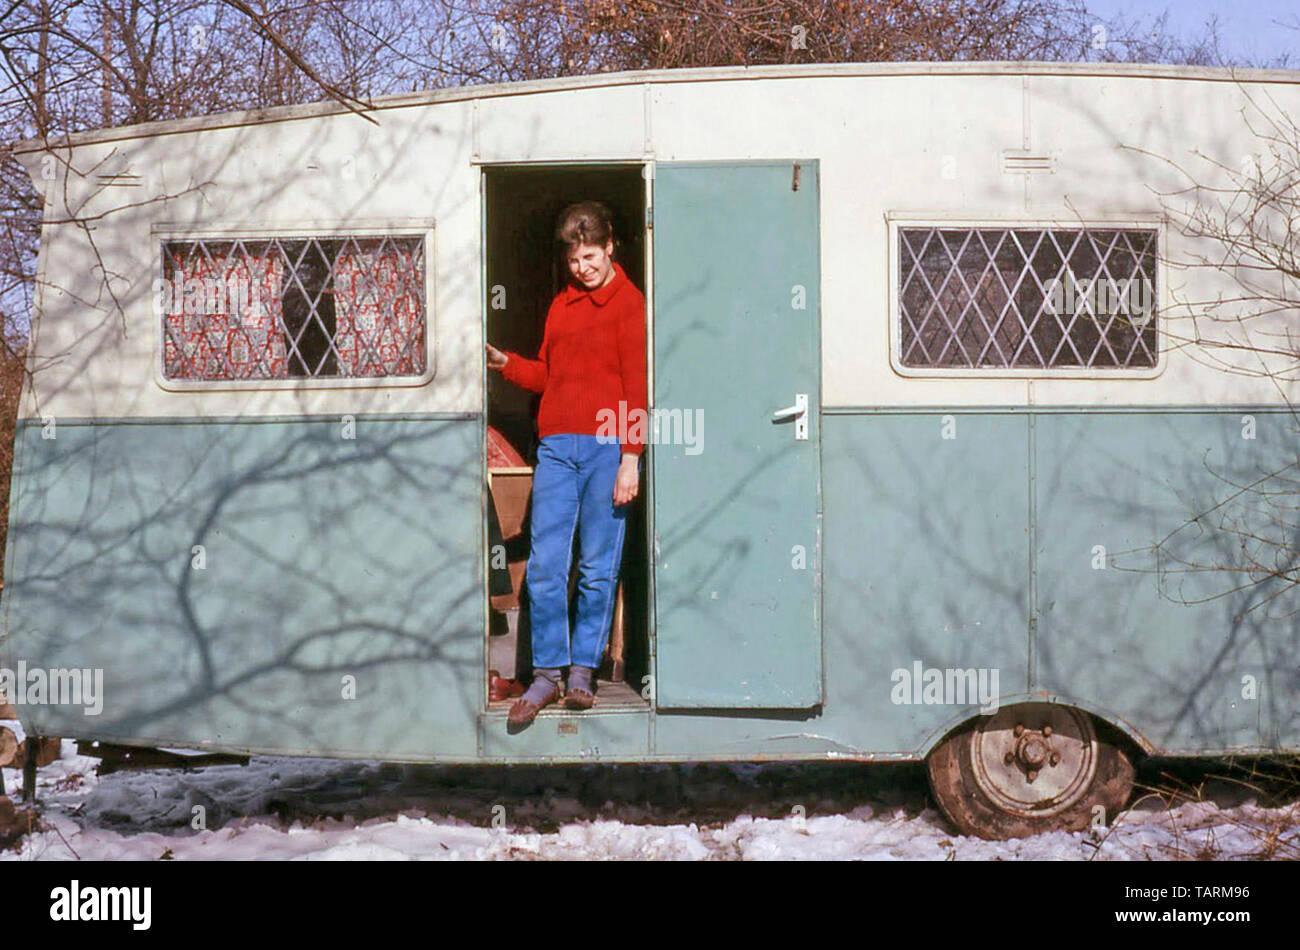 Archives années 1960 juste mariée jeune femme debout à la porte de la vieille caravane délabrée neige couvert de construction site première maison de mariage archive 60s la façon dont nous étions en Angleterre Royaume-Uni Banque D'Images